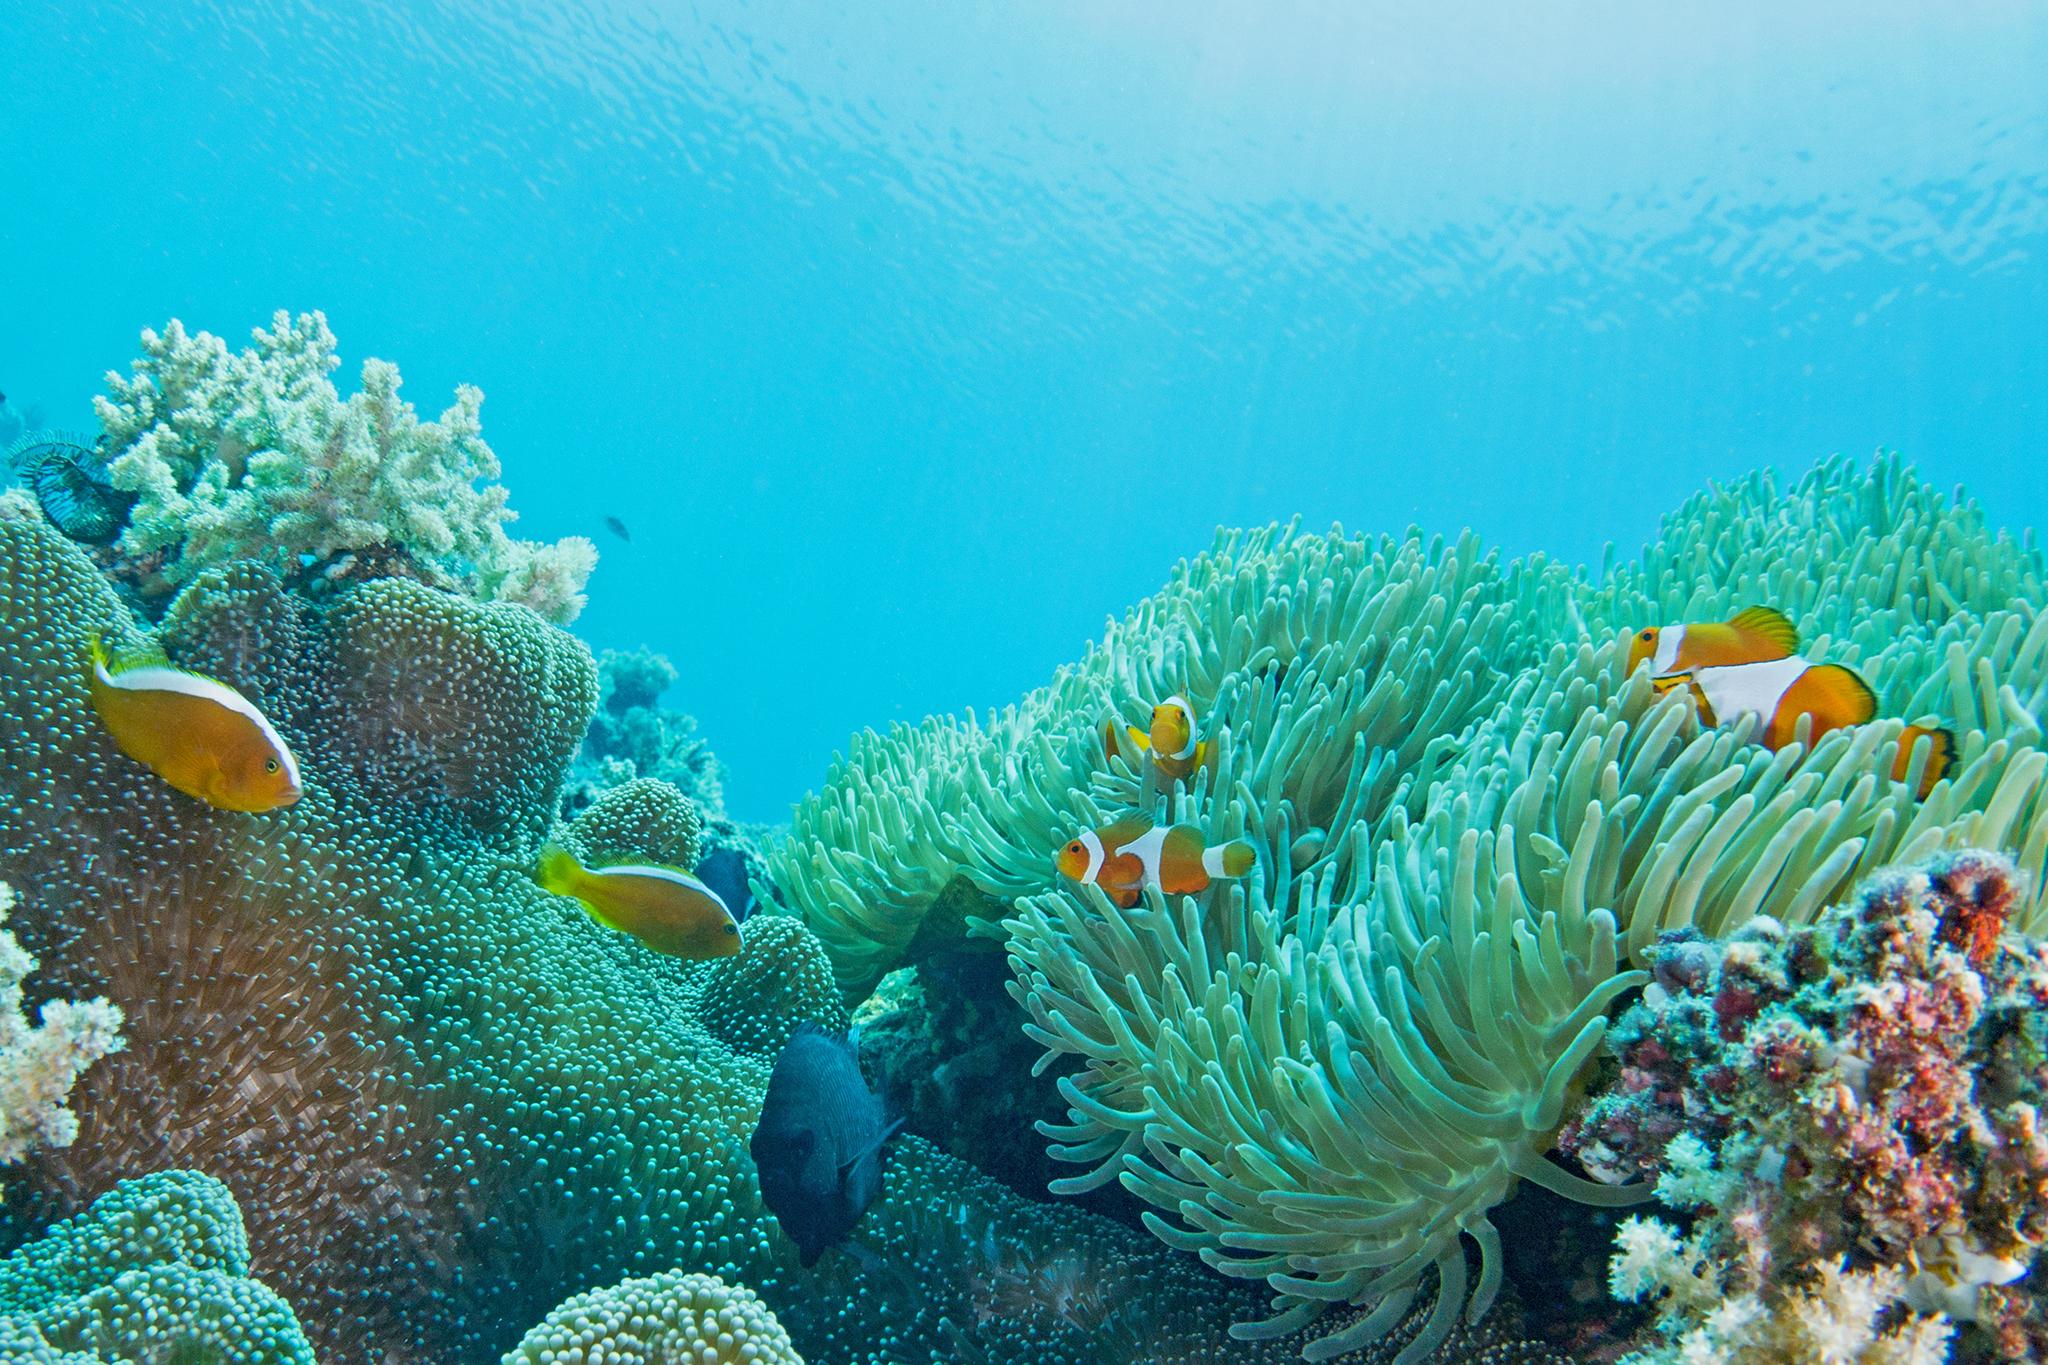 プエルトガレラの海の中、カクレクマノミとセジロクマノミ